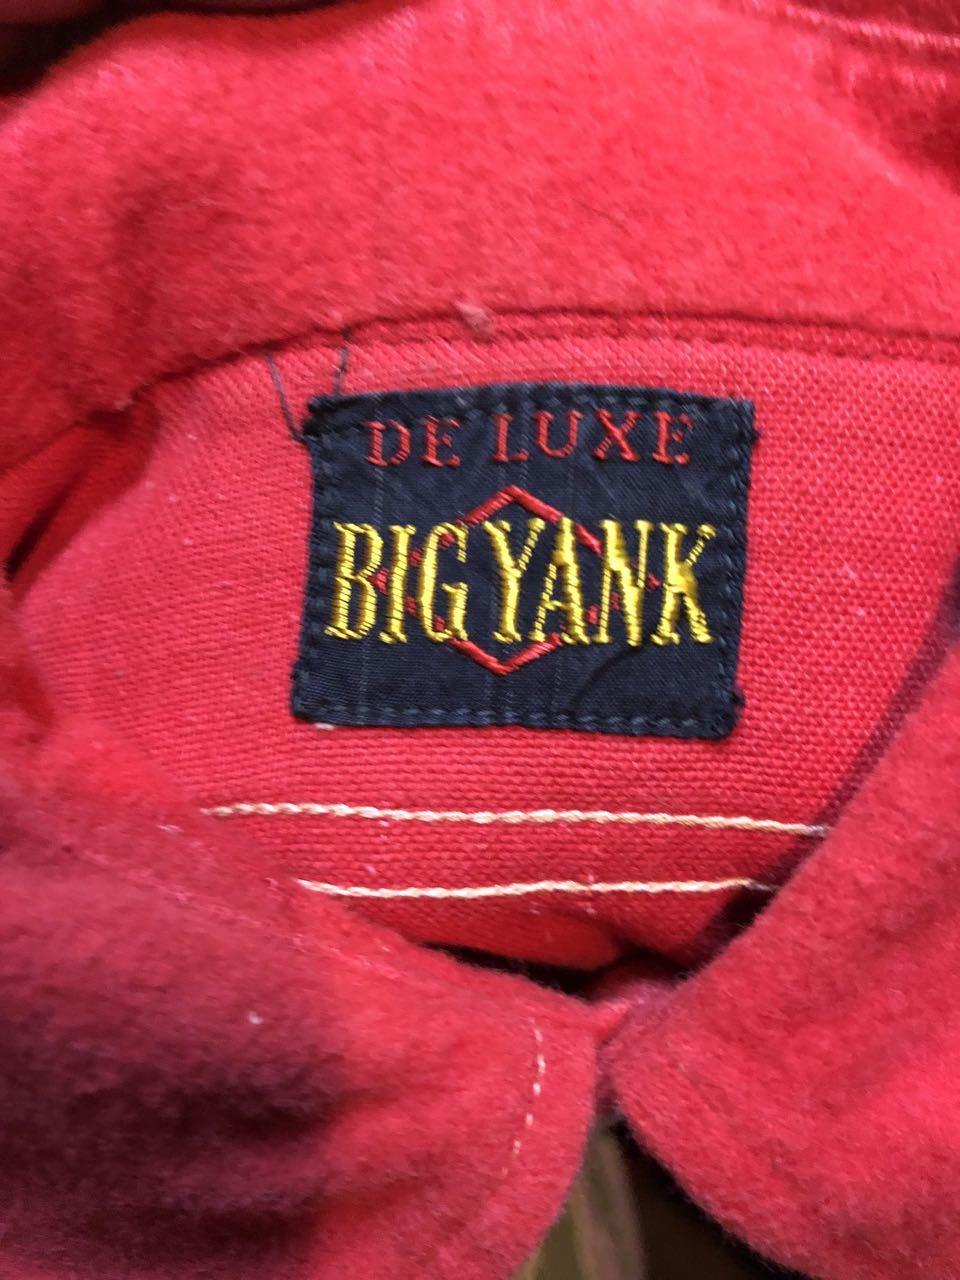 アメリカ仕入れ情報#1 50s BIG YANK シャモアクロス シャツ!_c0144020_09452445.jpg